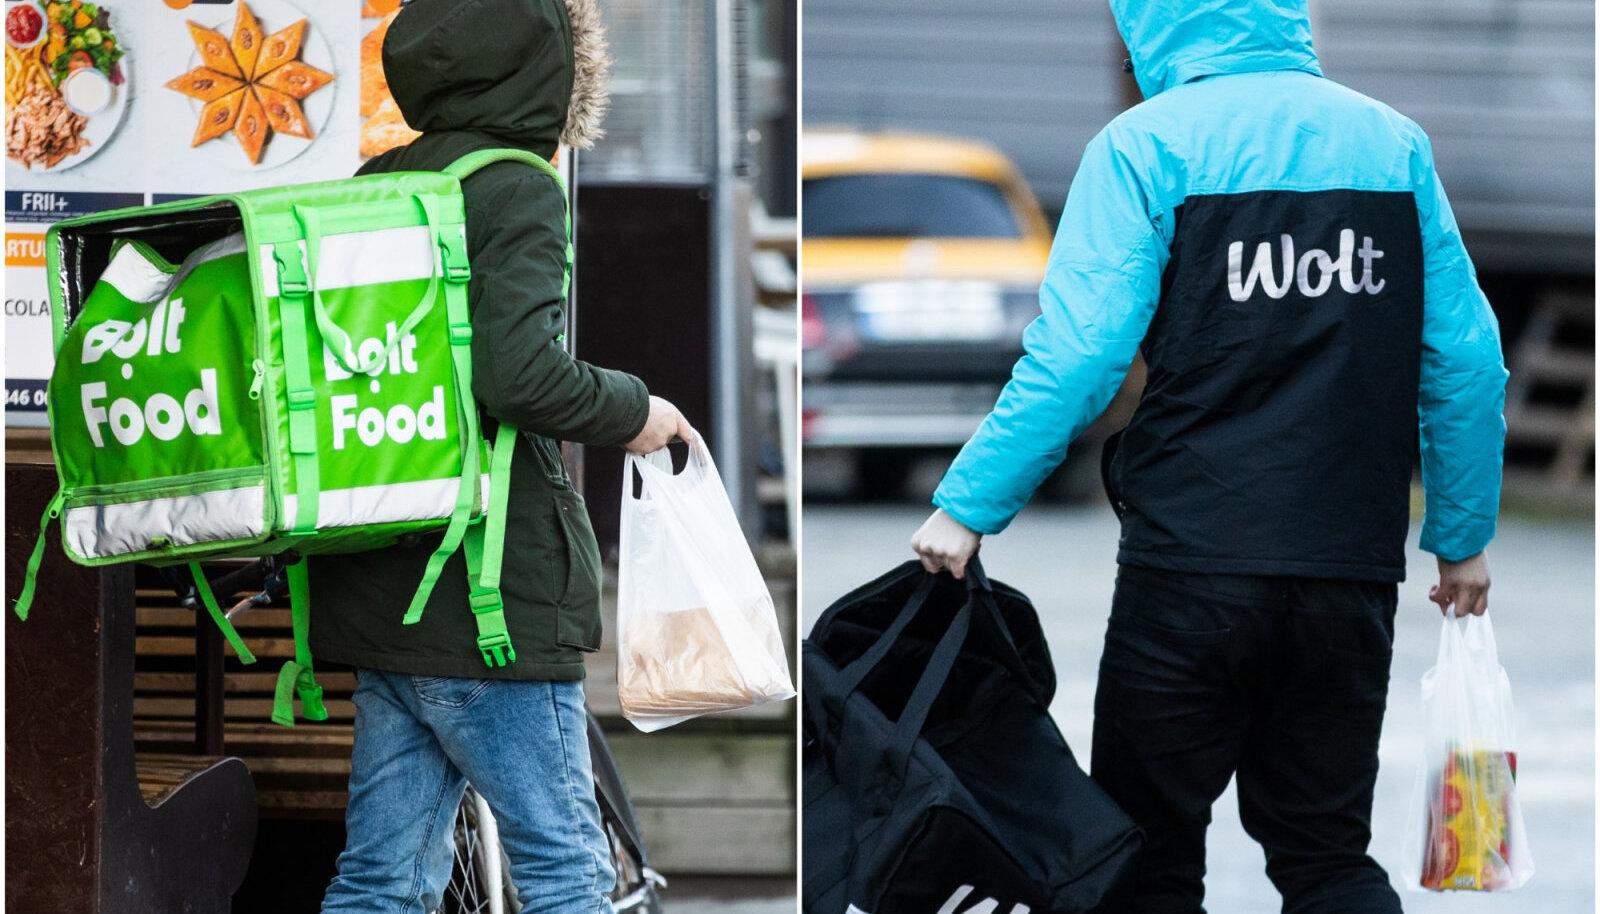 Bolt Food ja Wolt toidu kojutoomise teenus.